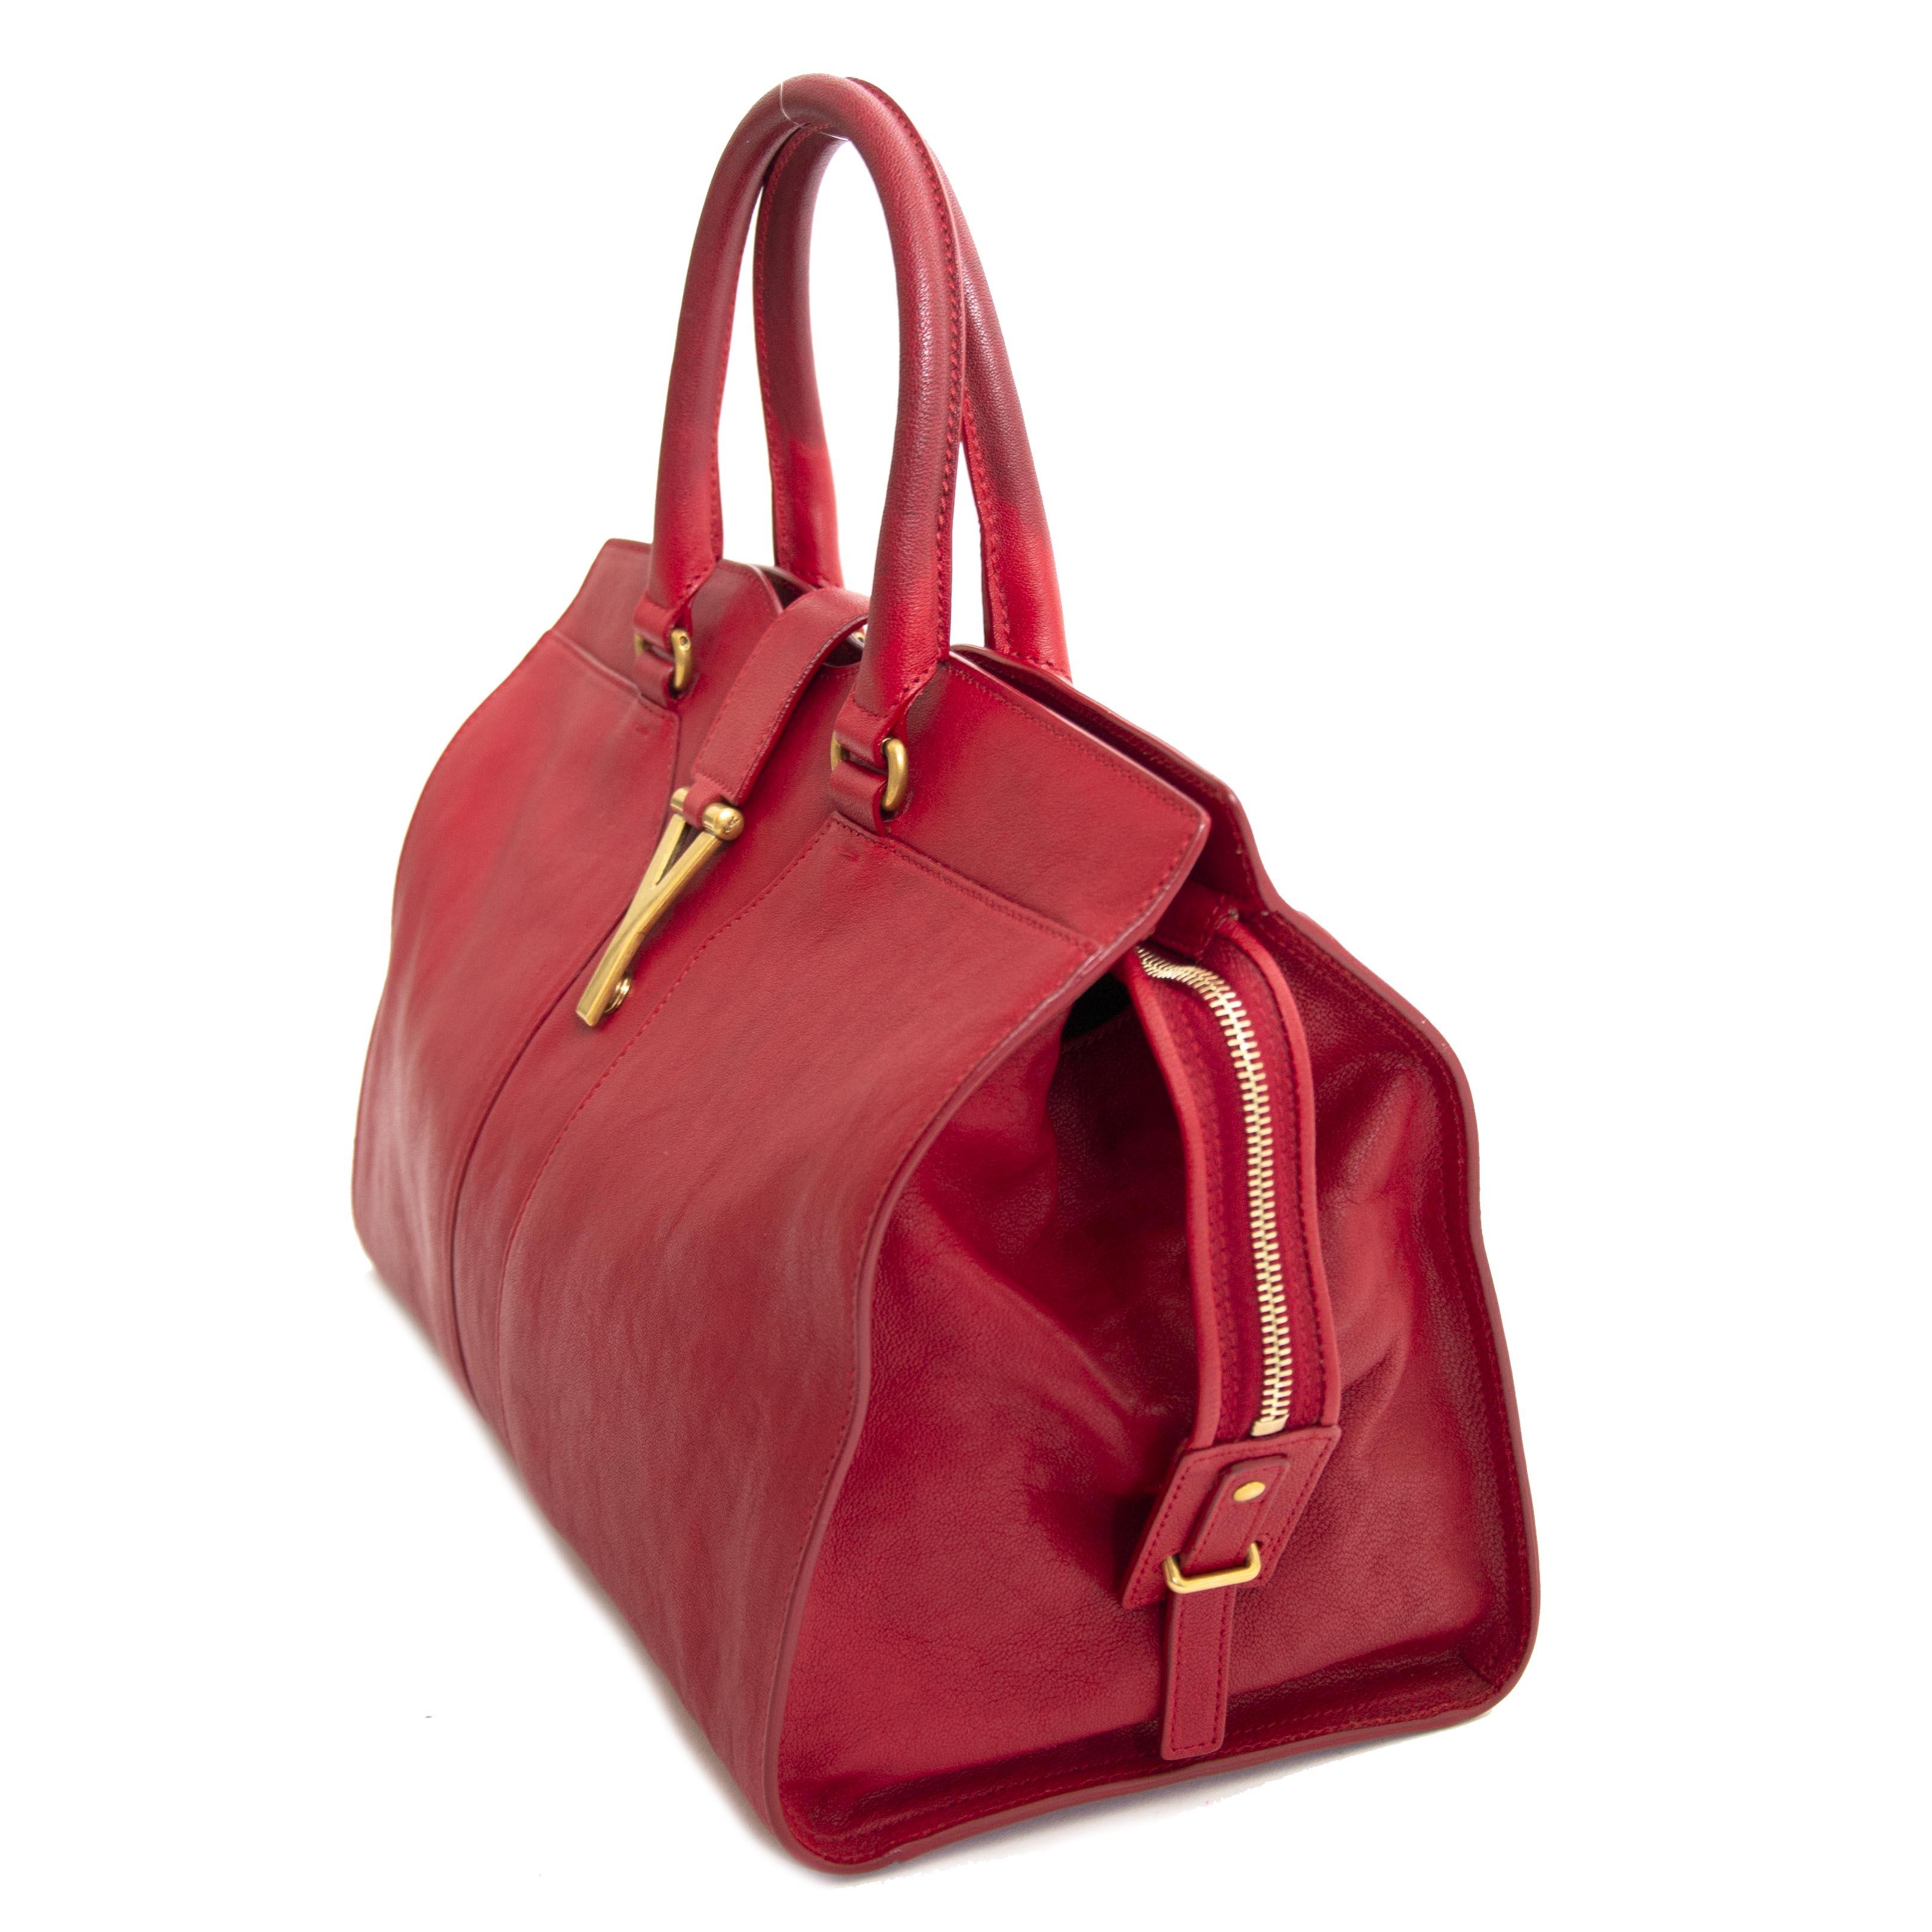 23bb3fccd6 ... shop safe online tegen de beste prijs Saint Laurent YSL Red Leather  Medium Cabas Chyc Tote · Yves Saint Laurent